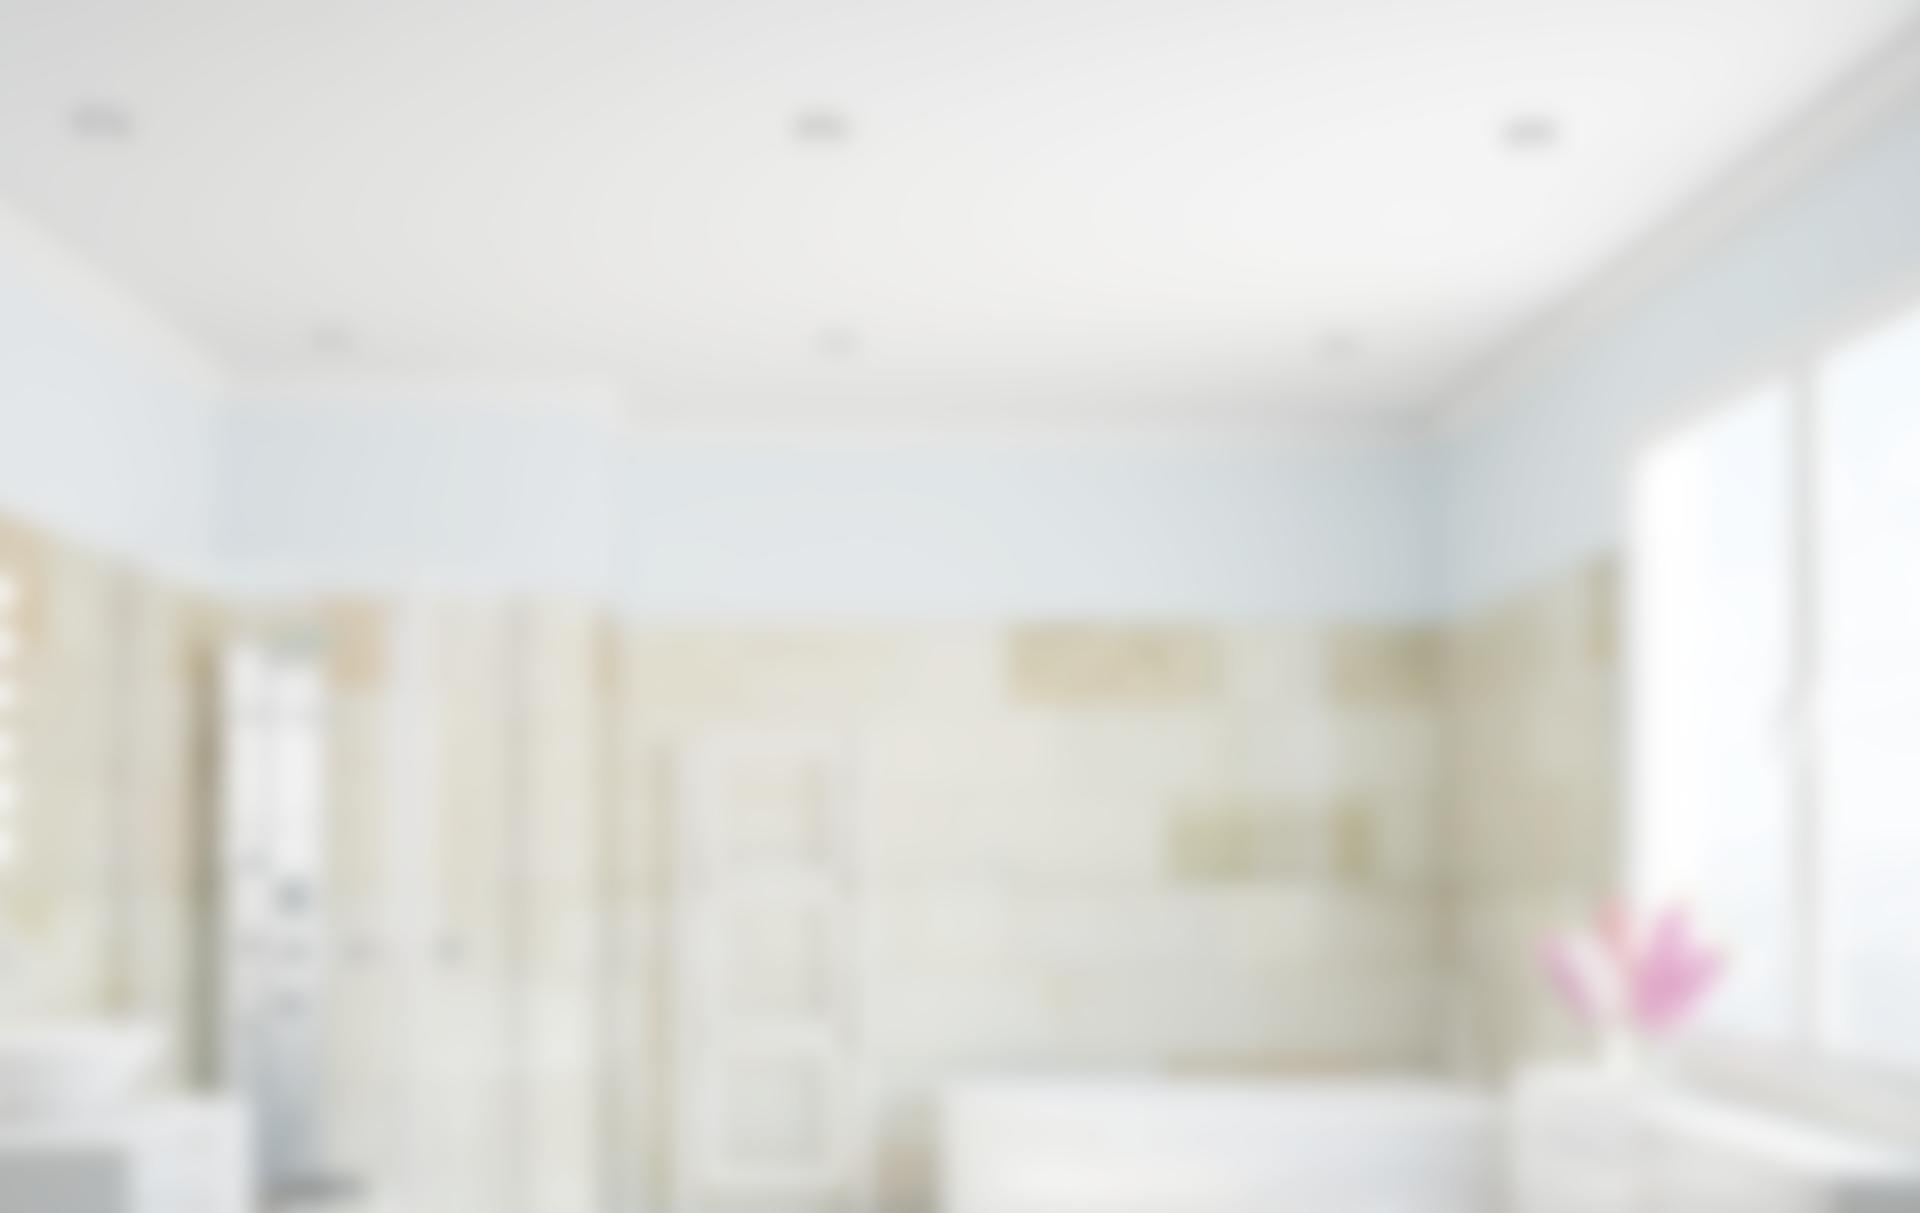 dusch wc und weitere sanit re anlagen in bad neuenahr. Black Bedroom Furniture Sets. Home Design Ideas